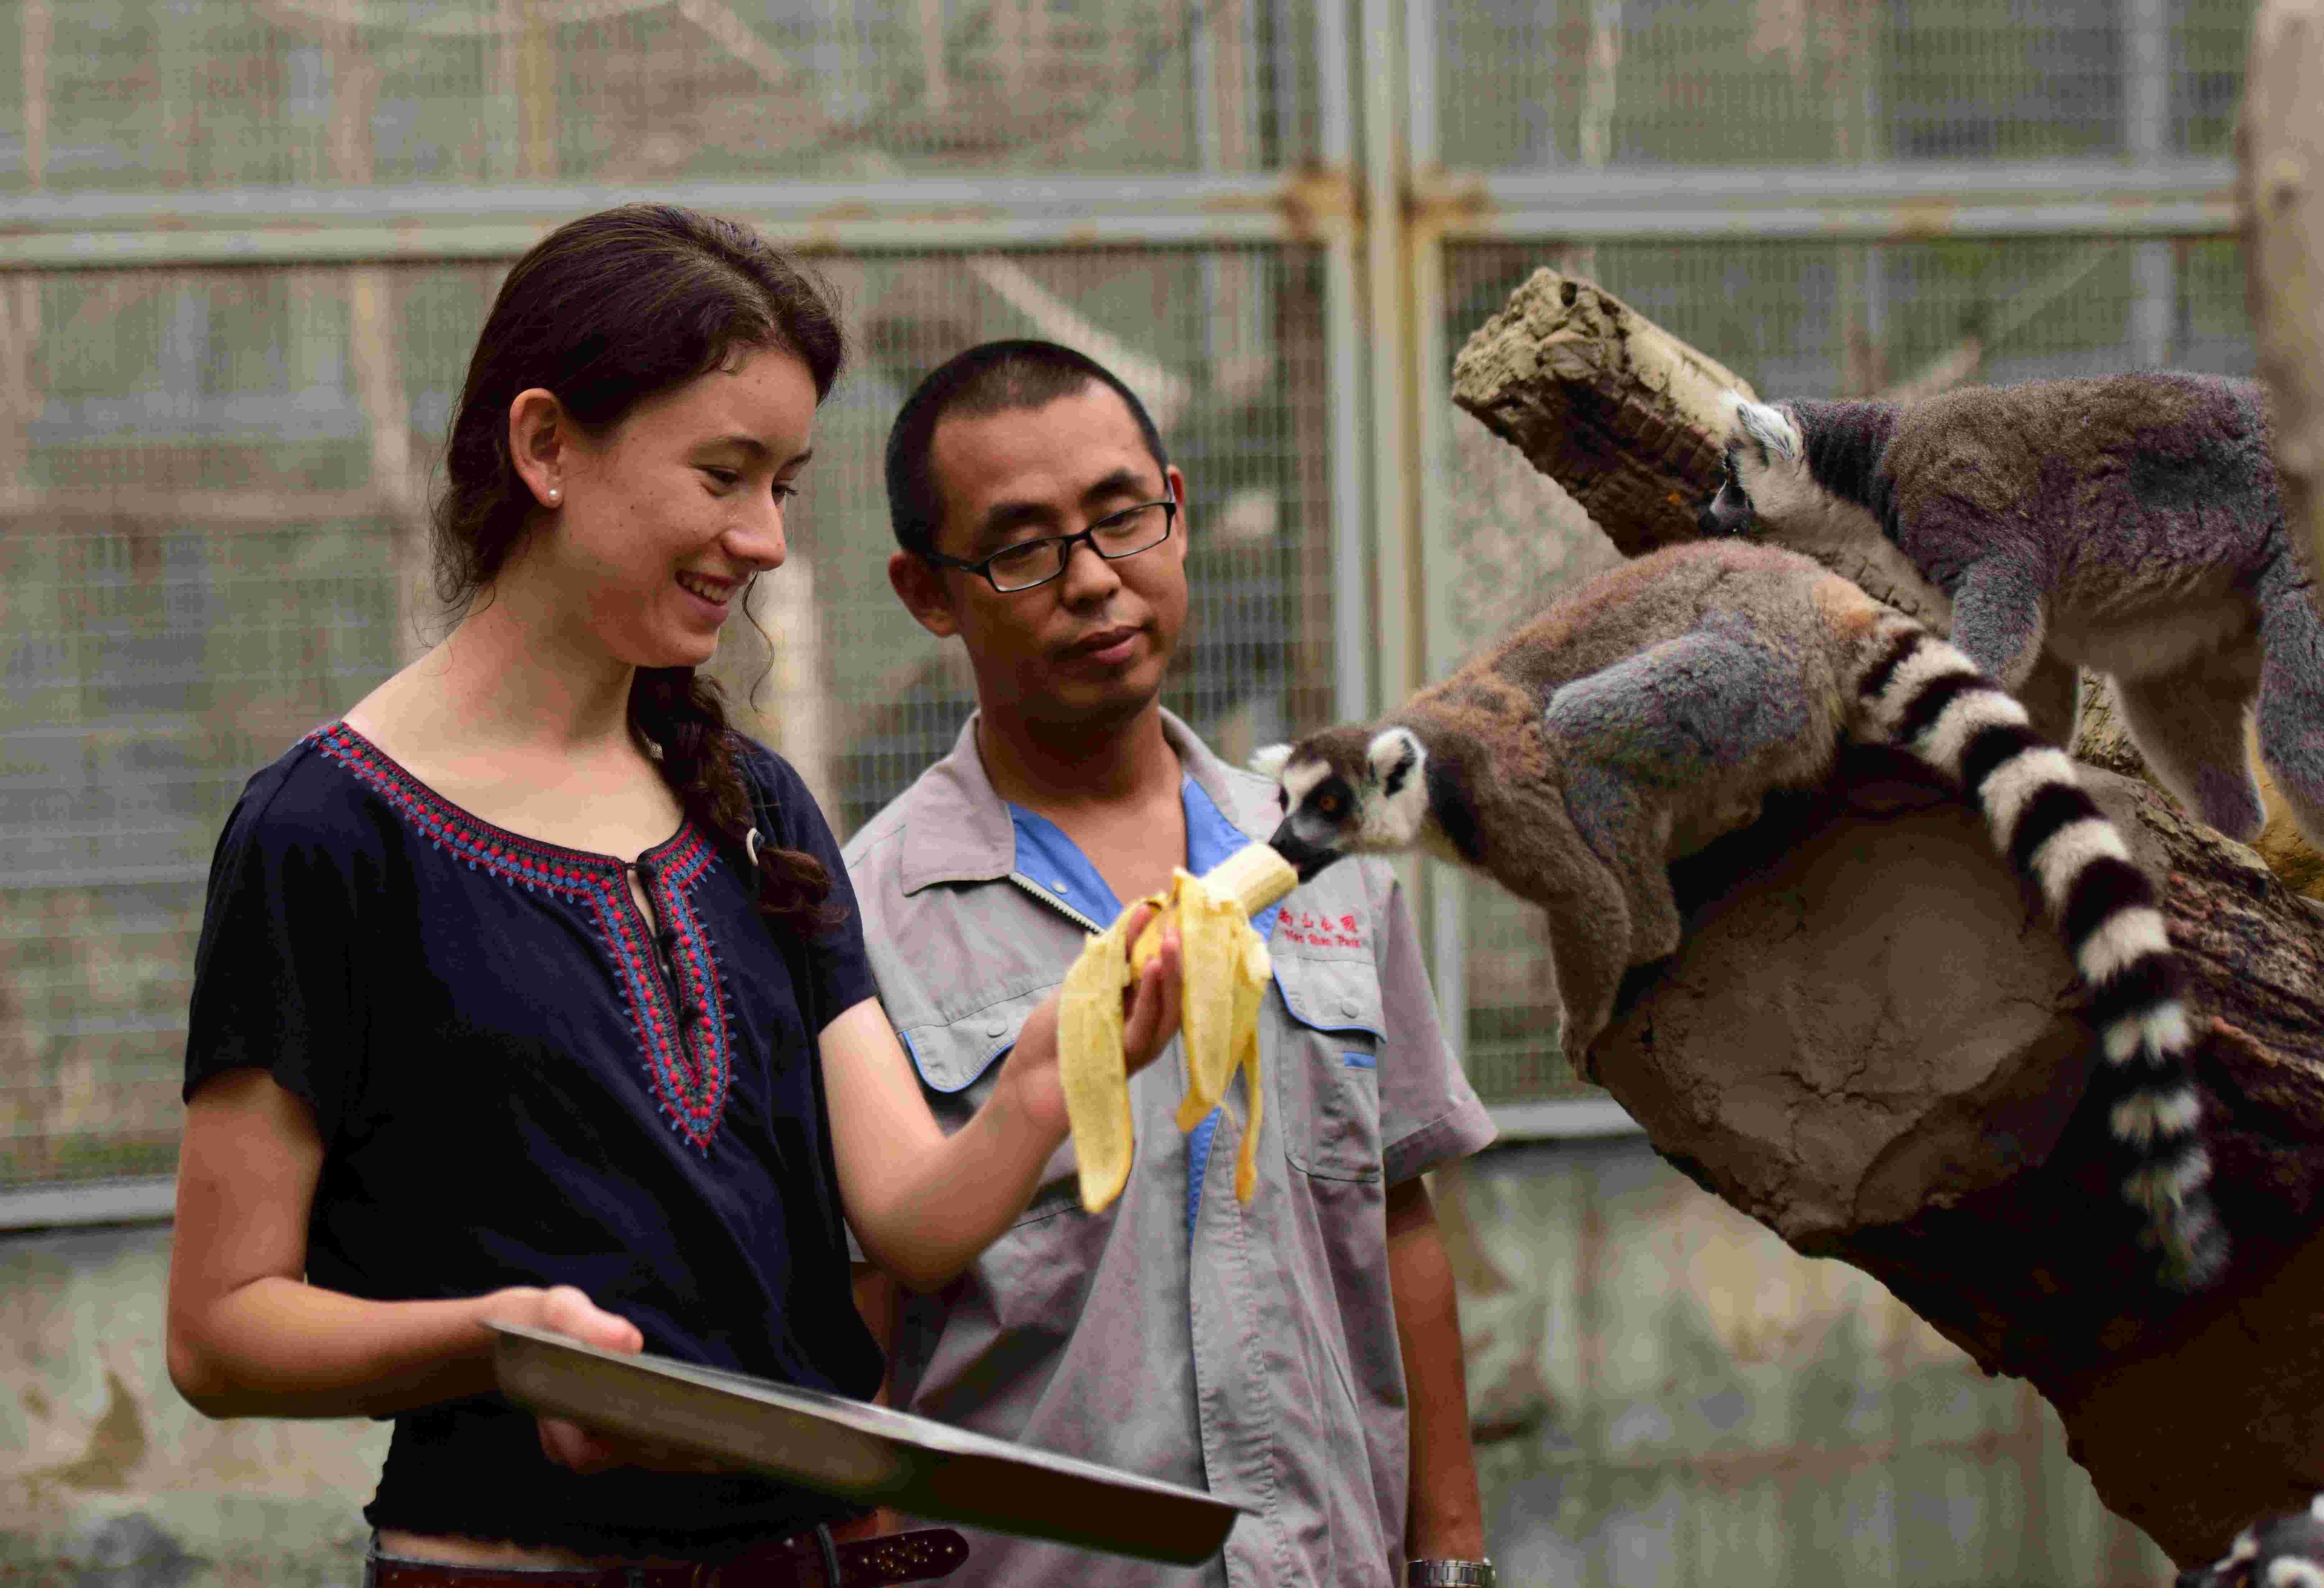 新华社照片,烟台(山东),2015年8月5日   动物园里的洋义工   8月5日,在山东烟台动物园,美国女孩席琳在饲养员的指导下给环尾狐猴喂水果。   今年19岁的席琳来自美国旧金山,她是加拿大温哥华哥伦比亚大学一年级学生,今年7月来到山东烟台的鲁东大学学习中文,出于对动物的喜爱,席琳与烟台动物园取得联系并成为这里的一名义工。席琳的工作是帮助饲养员喂食以及打扫笼舍,空闲时间她还会和来动物园游玩的小朋友们用英文和中文交流,完成工作的同时,还能更多地了解中国。   新华社发(初阳 摄)